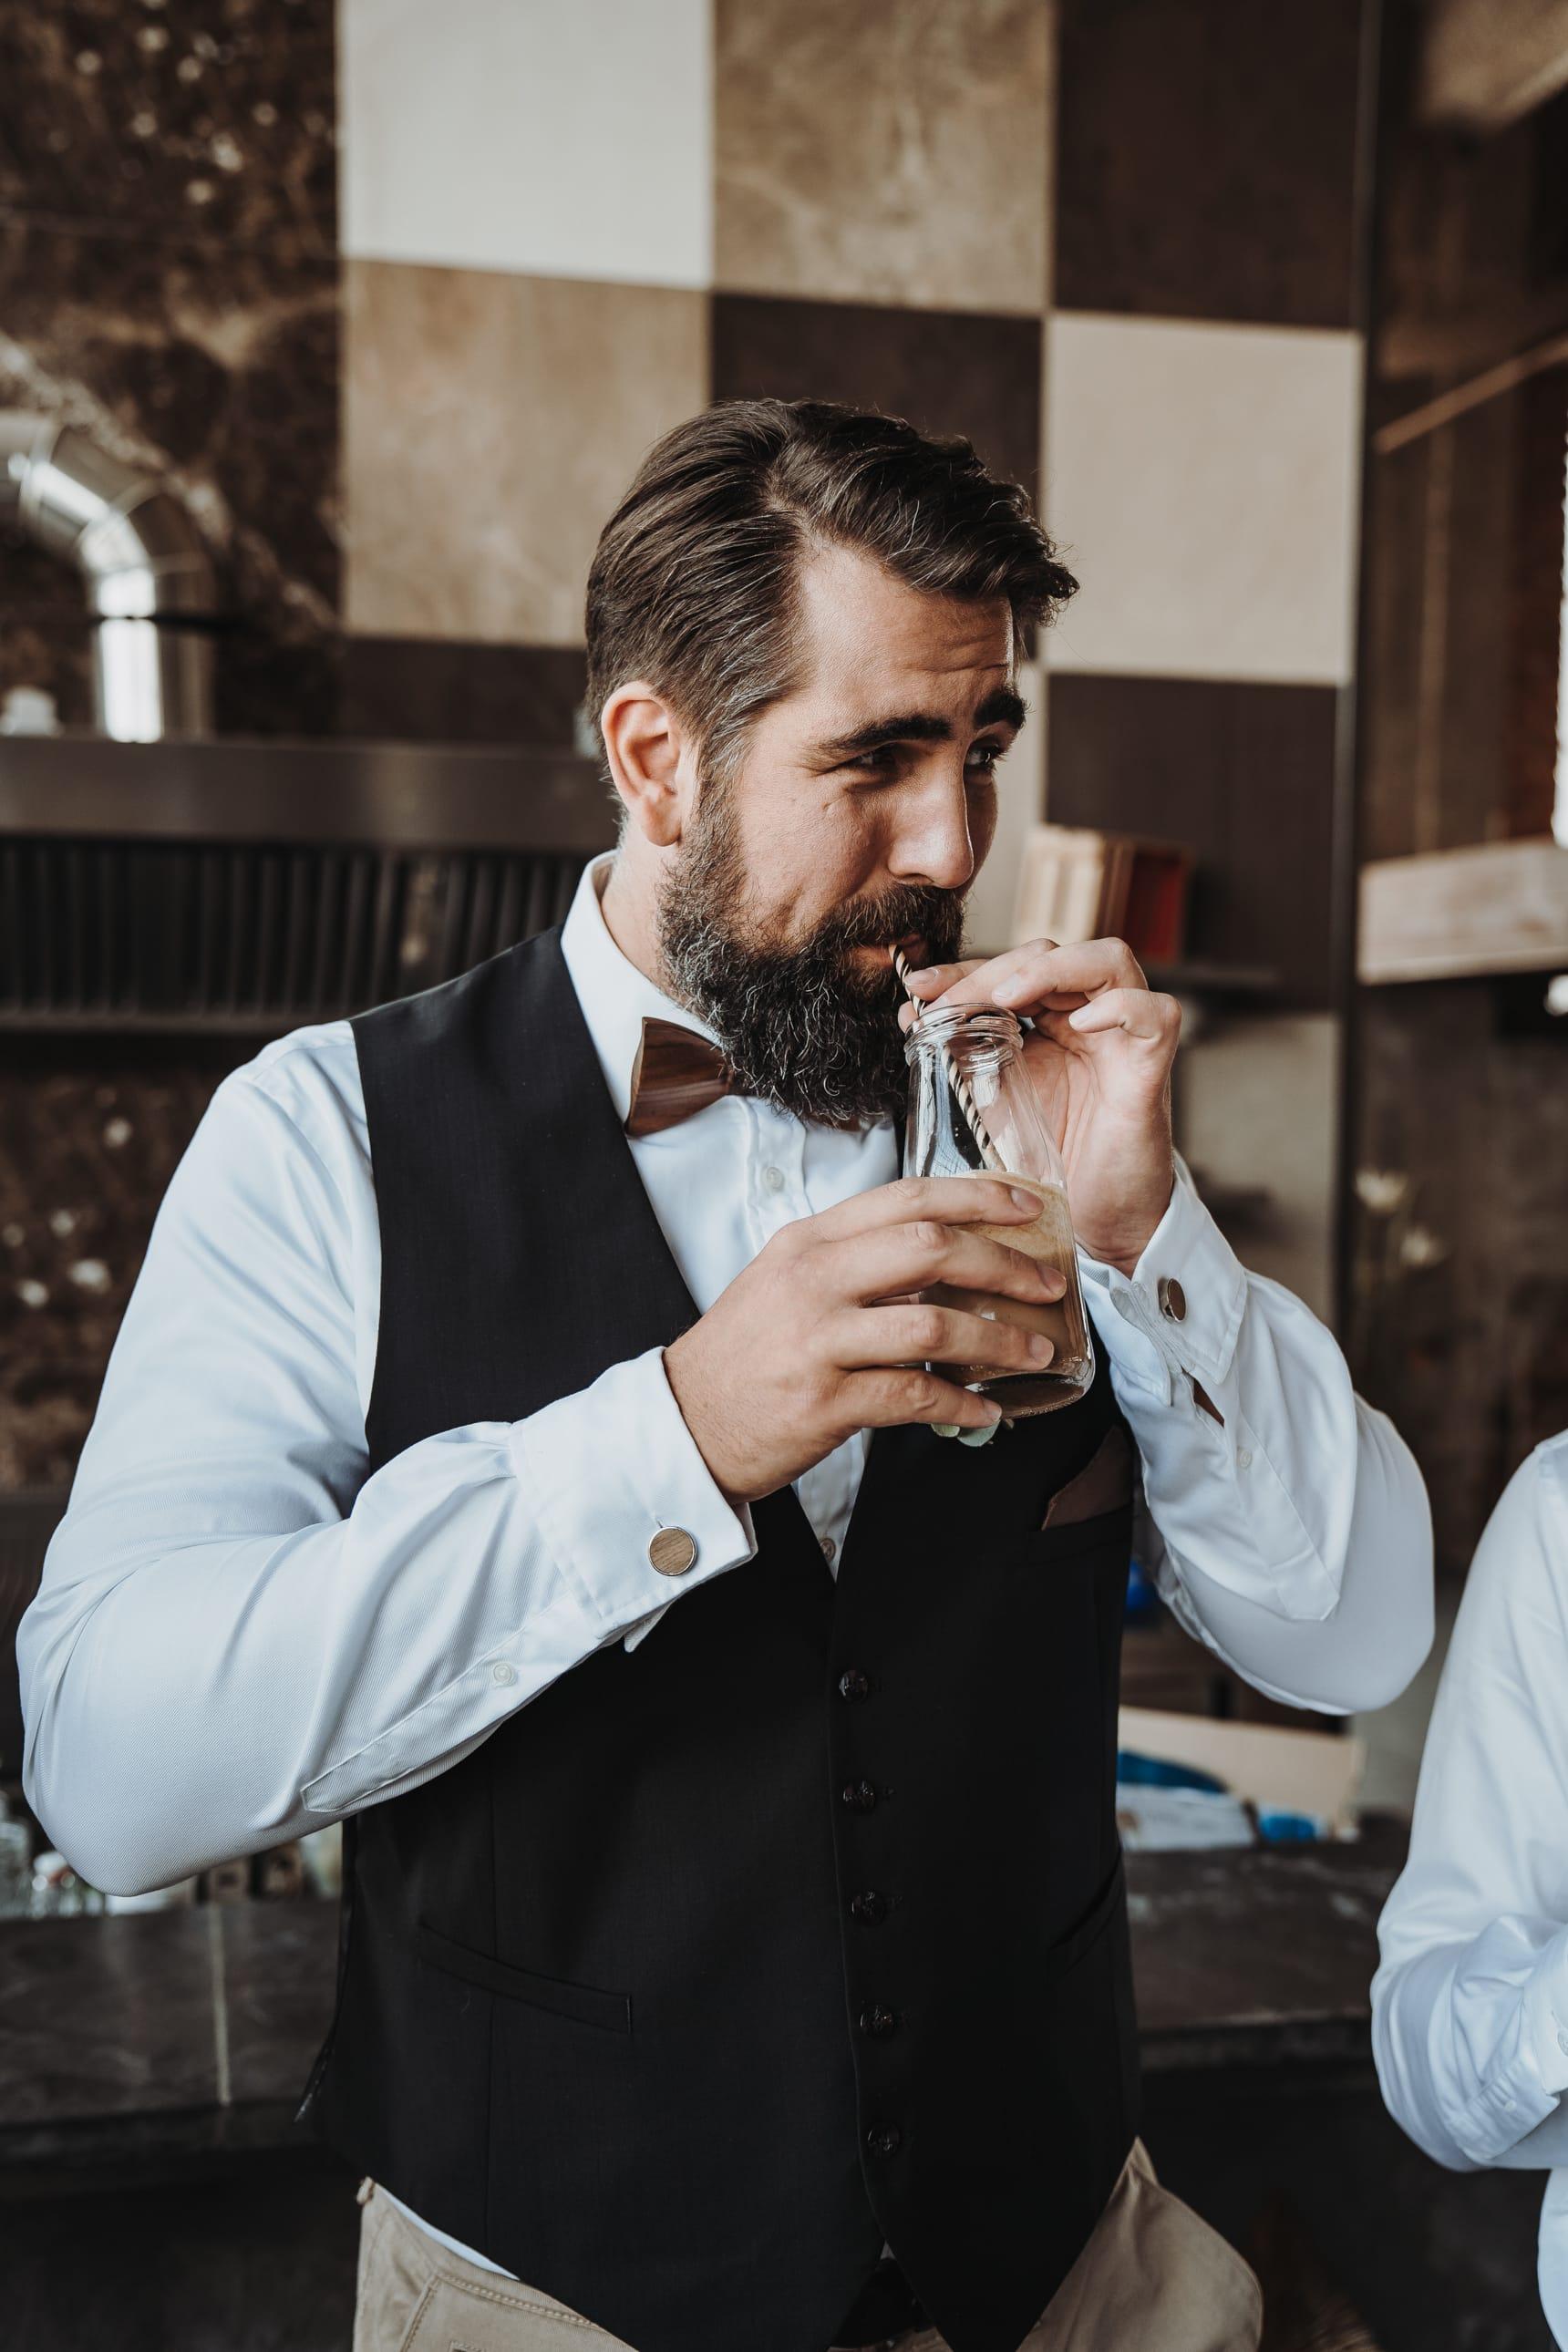 Idee_für_Hochzeit_mit_Kaffee_2